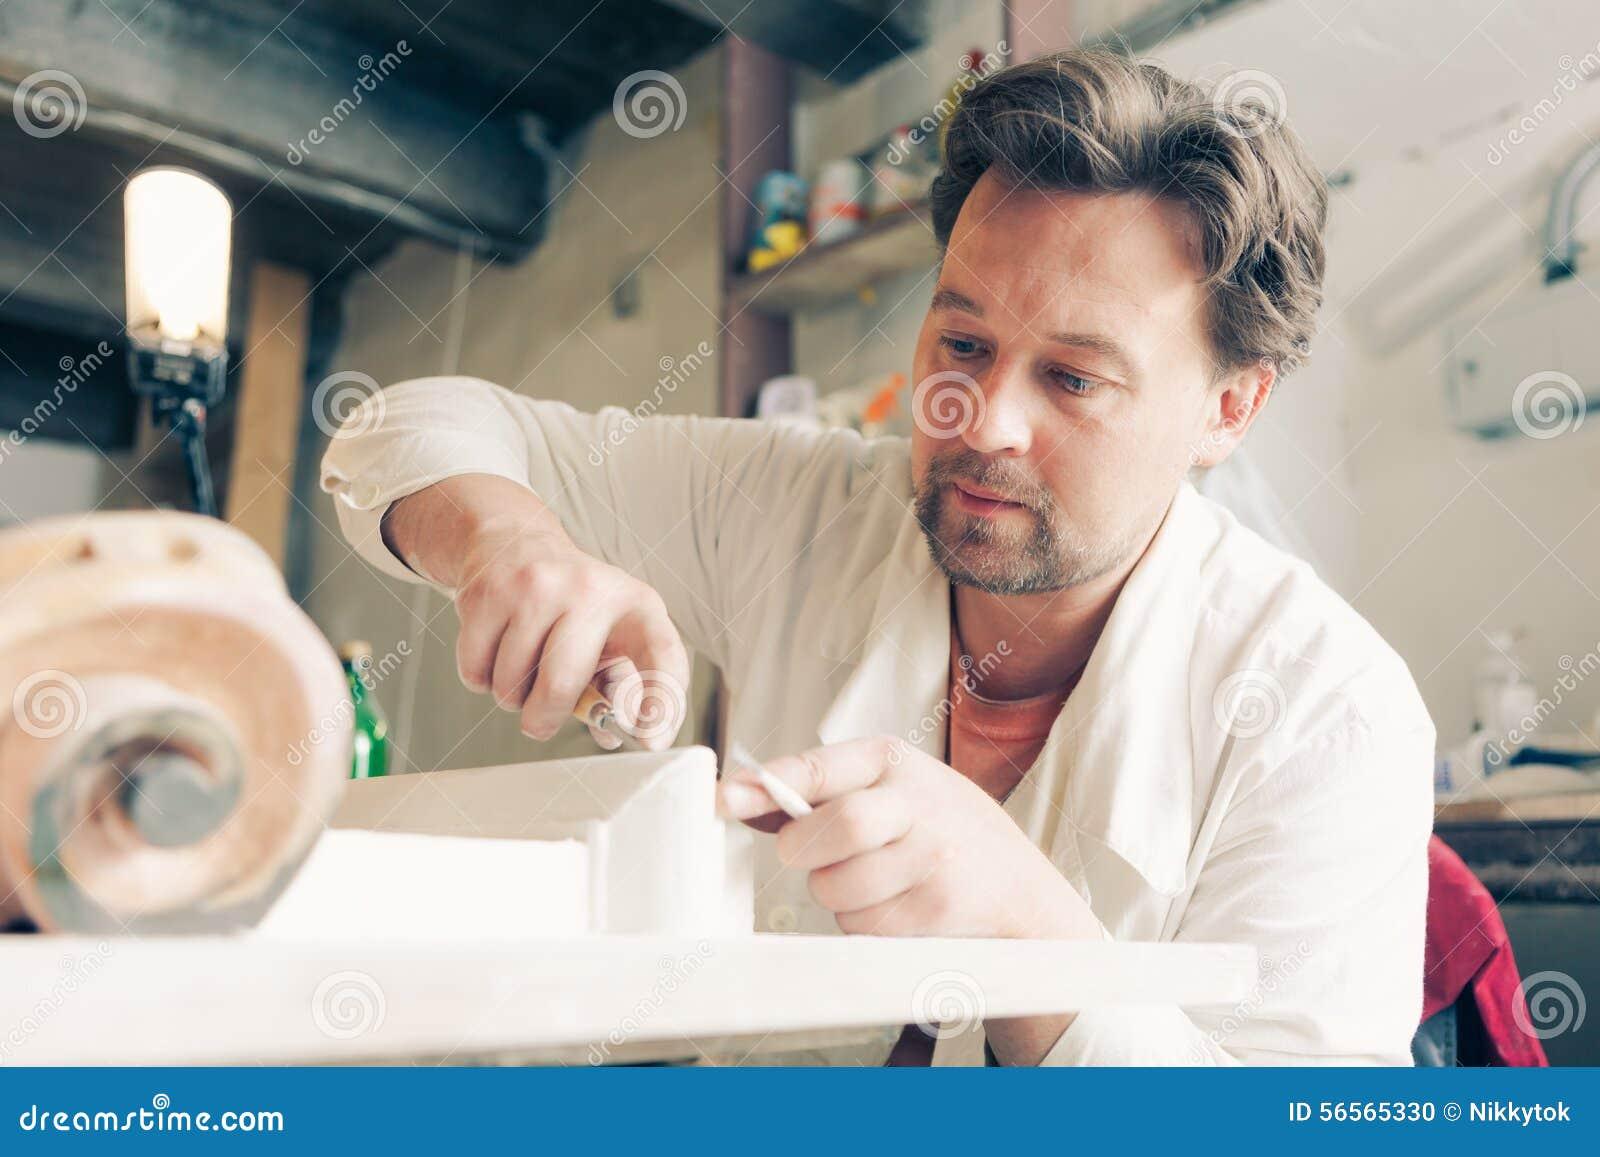 Download Αποκαταστάτης που κάνει την εργασία του Στοκ Εικόνες - εικόνα από ανακαινίστε, δάχτυλα: 56565330